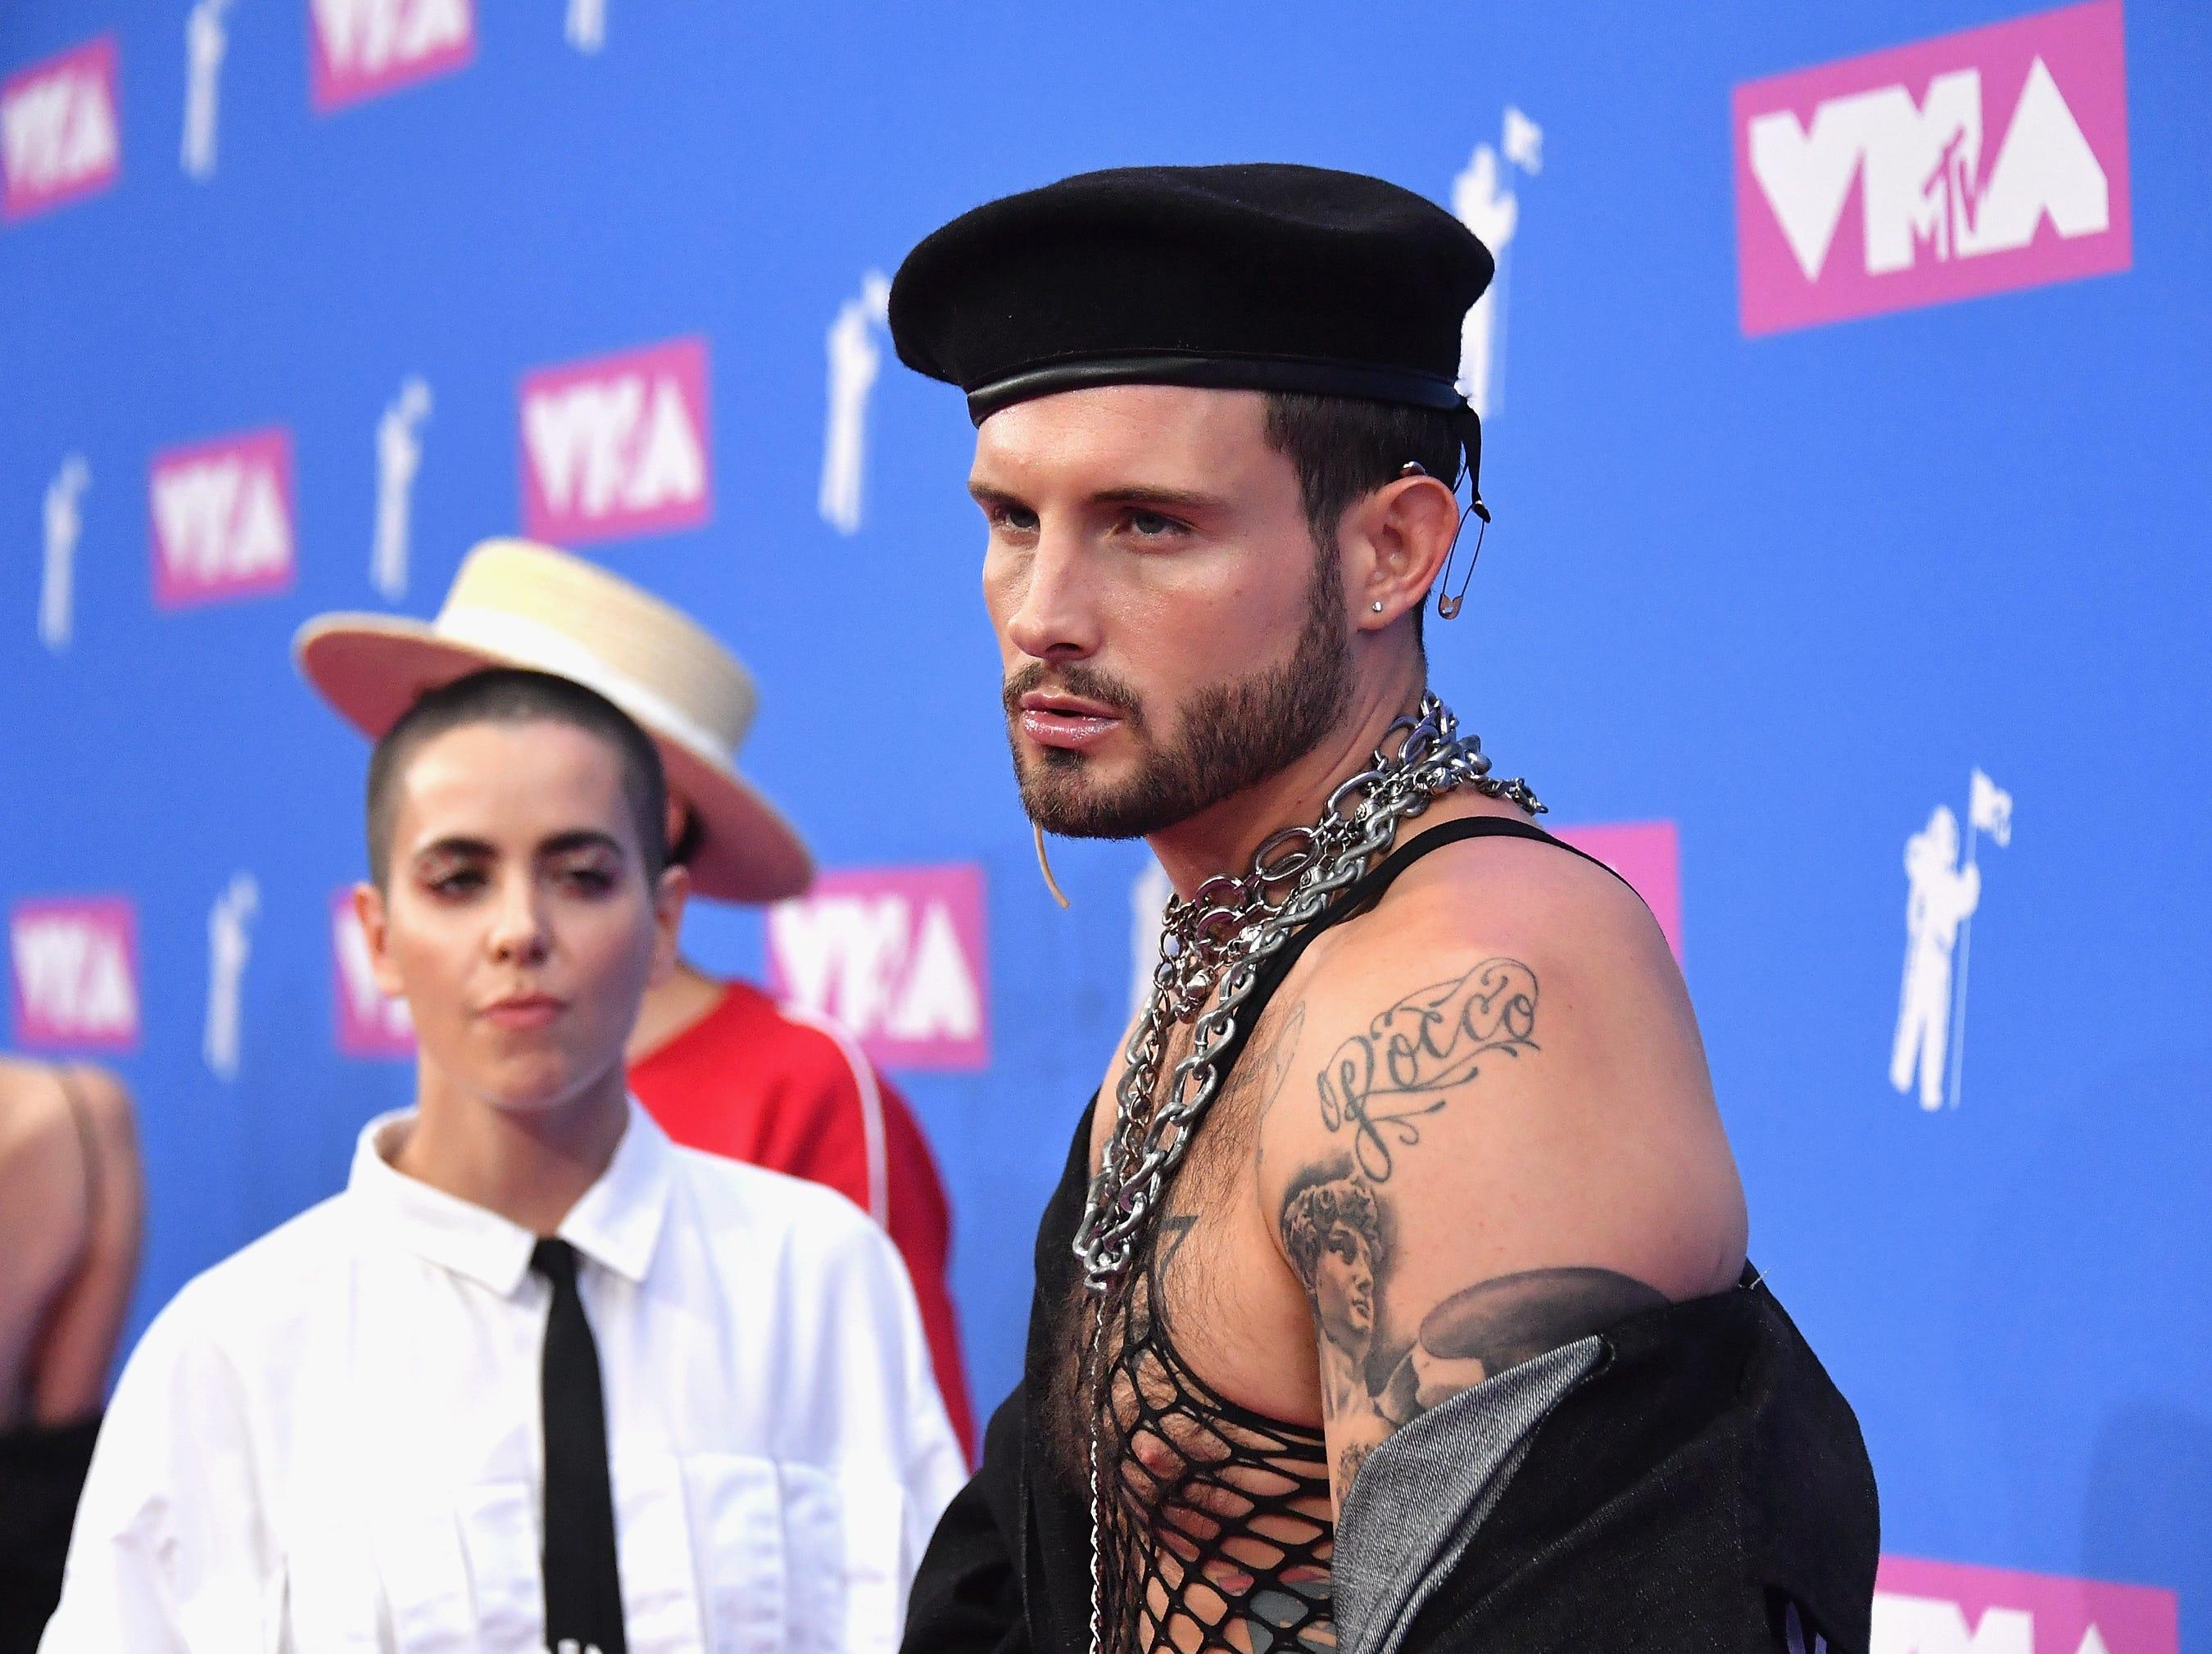 Nico Tortorella, Bethany C. Meyers asisten a los MTV Video Music Awards 2018 en el Radio City Music Hall el 20 de agosto de 2018 en la ciudad de Nueva York.